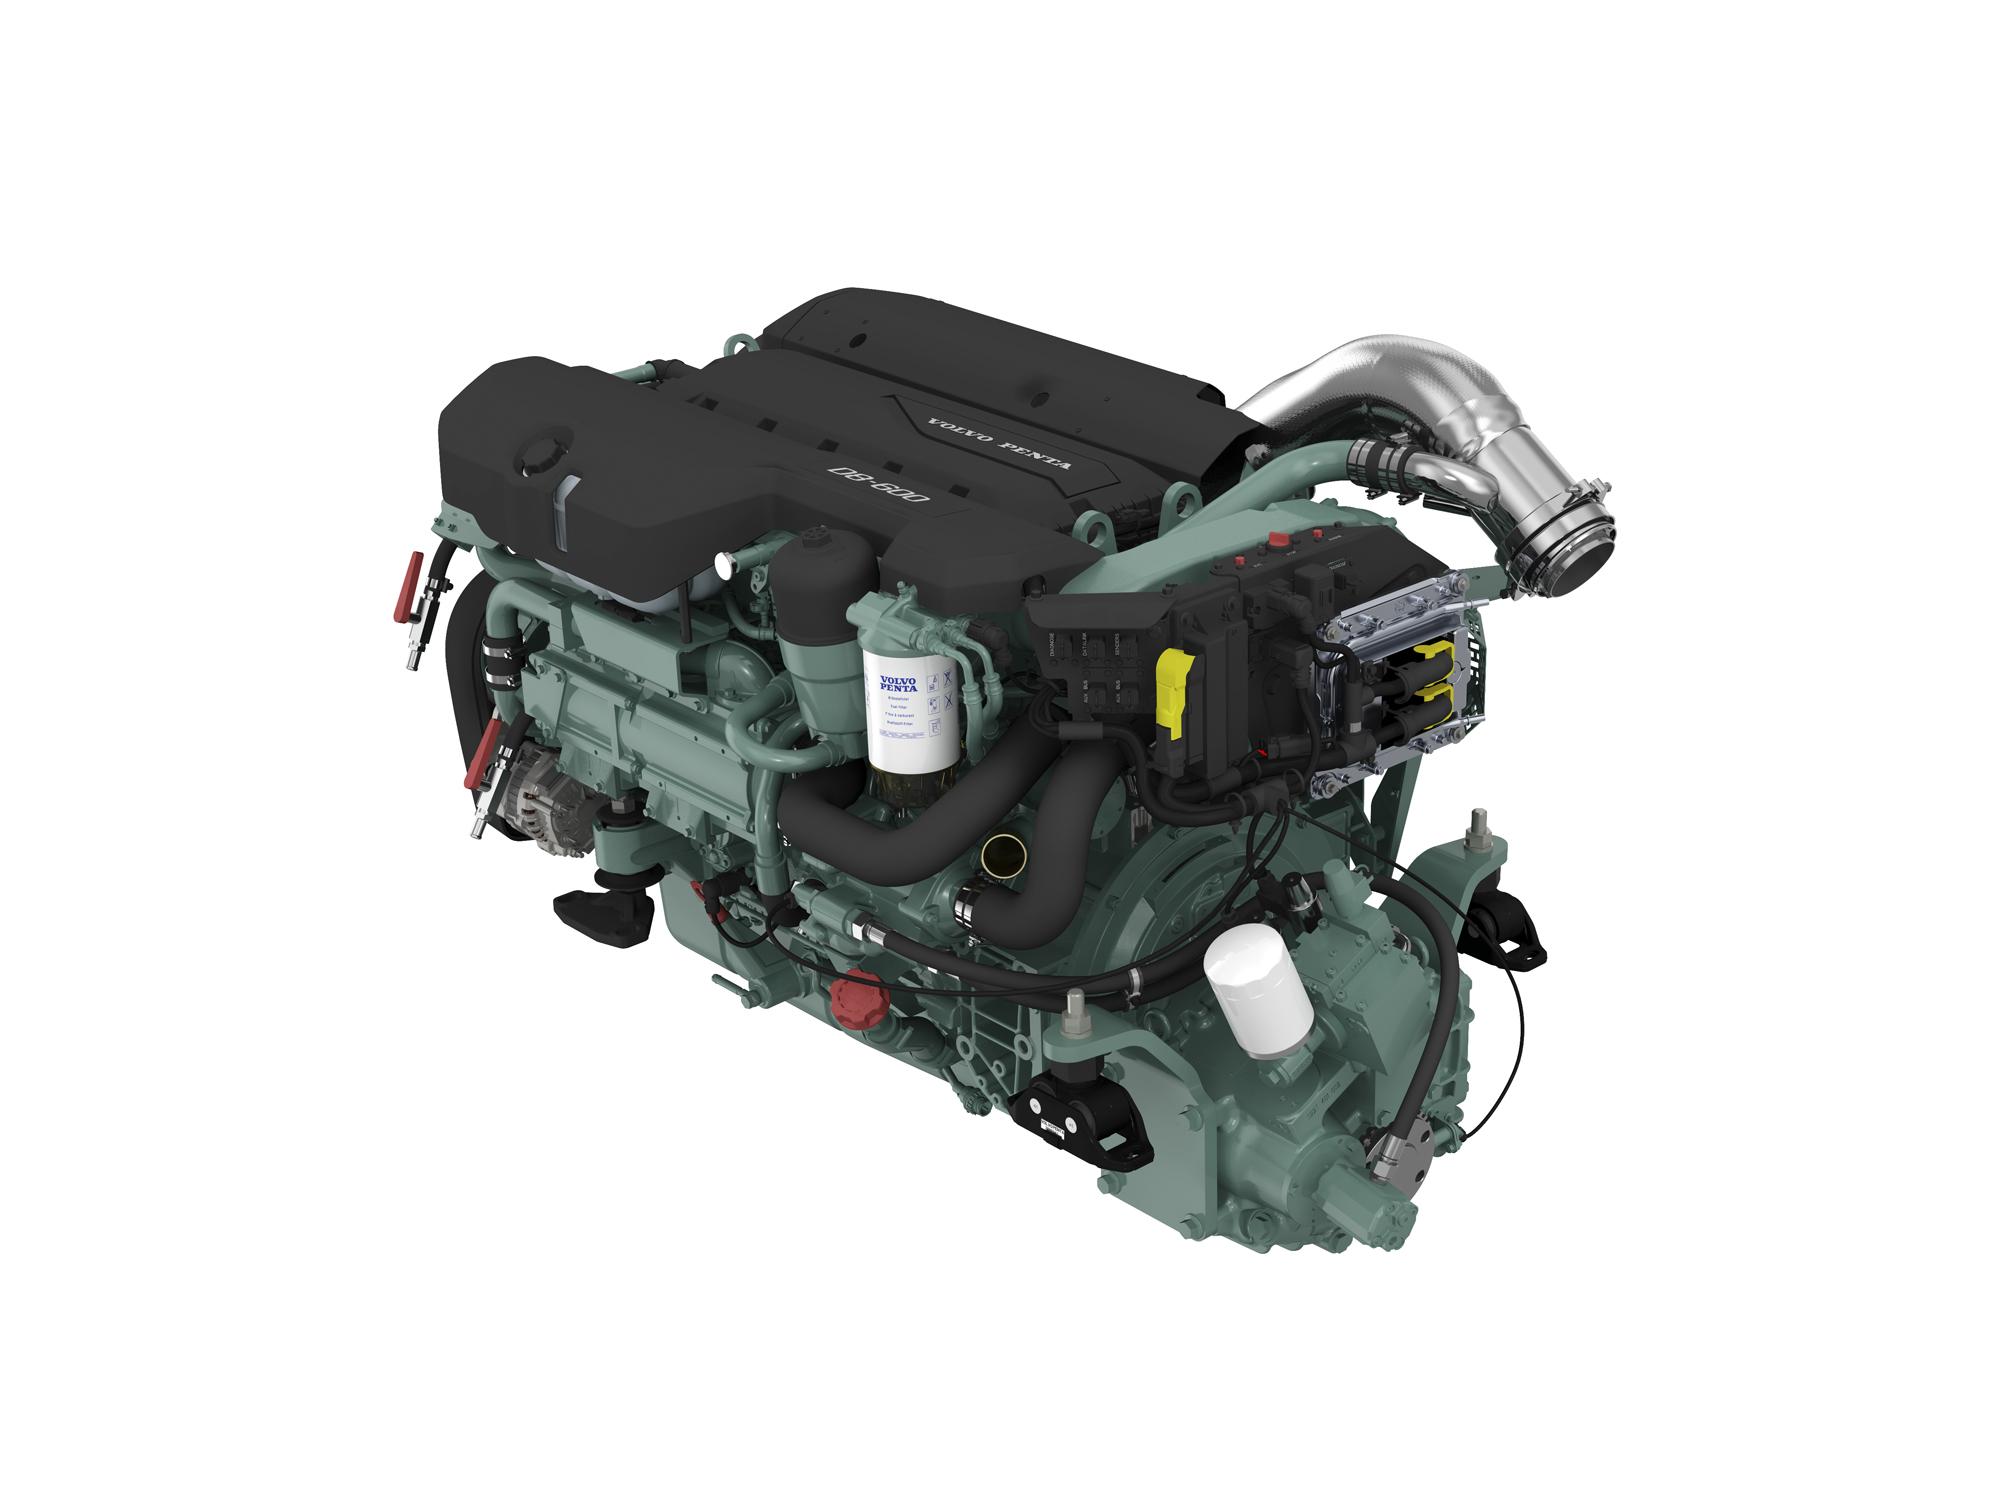 Volvo Penta U2019s New D8 Diesel Engine And Inboard Performance